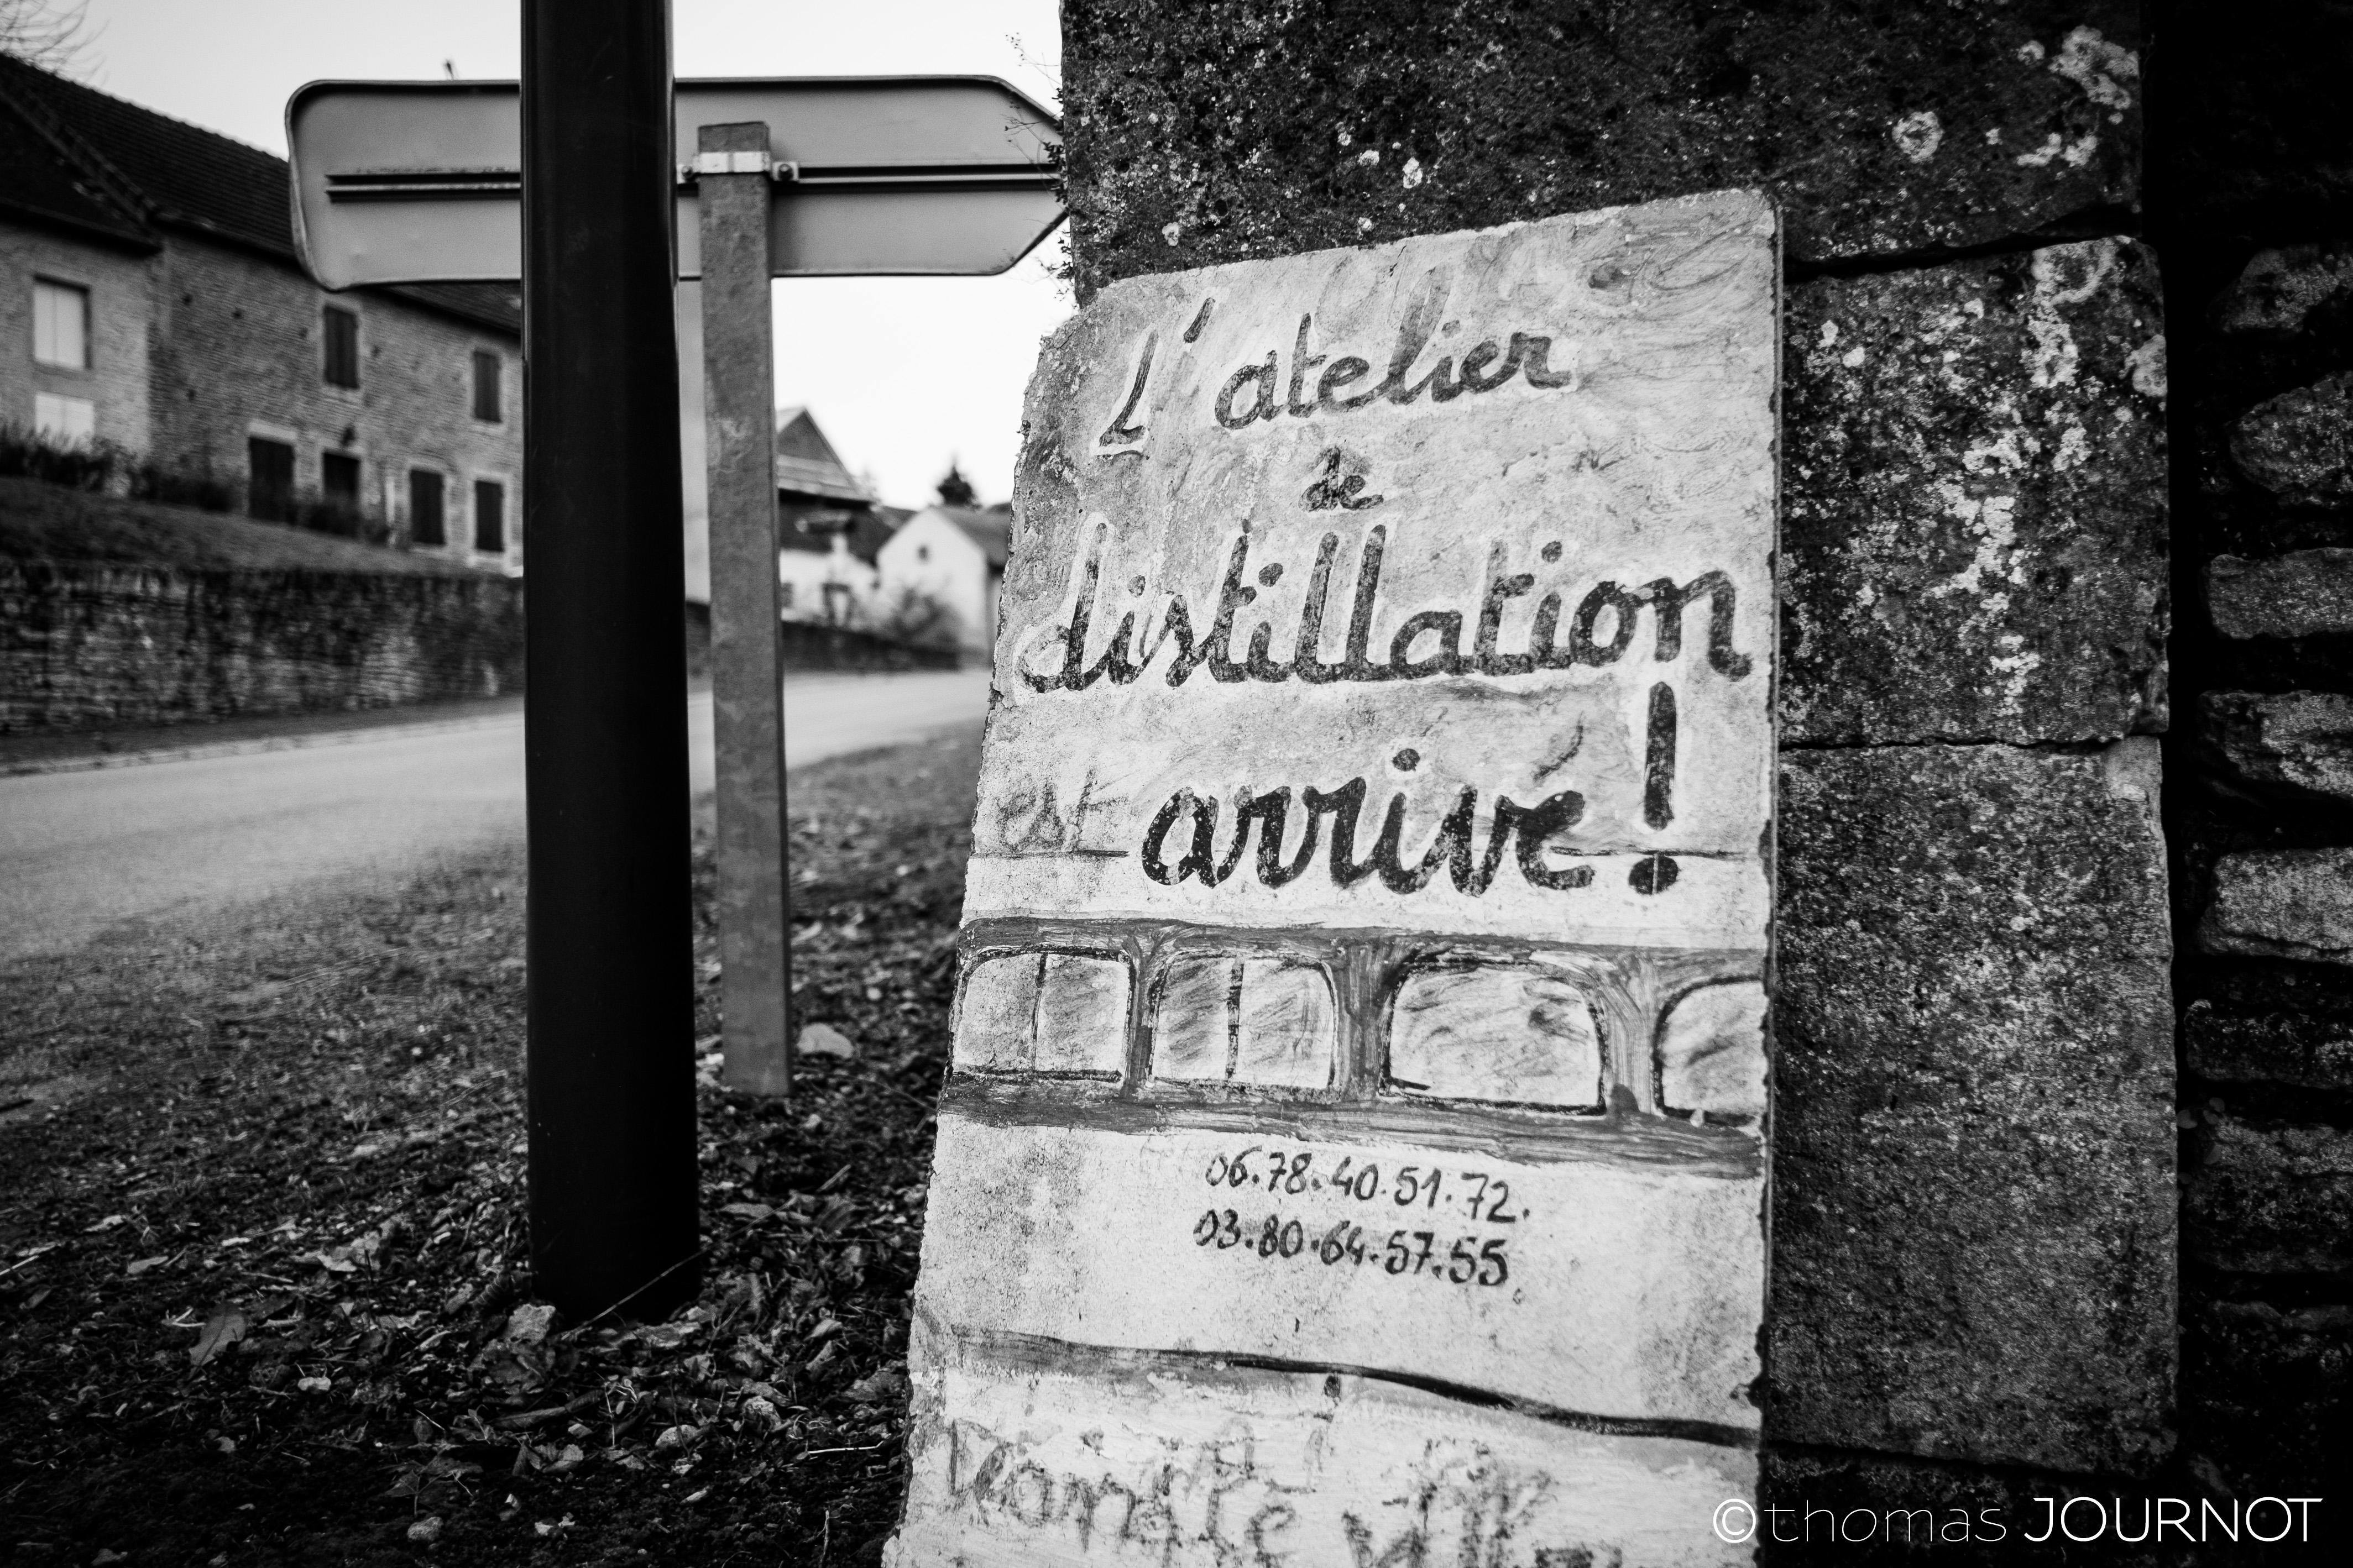 panneau l'atelier de distillation